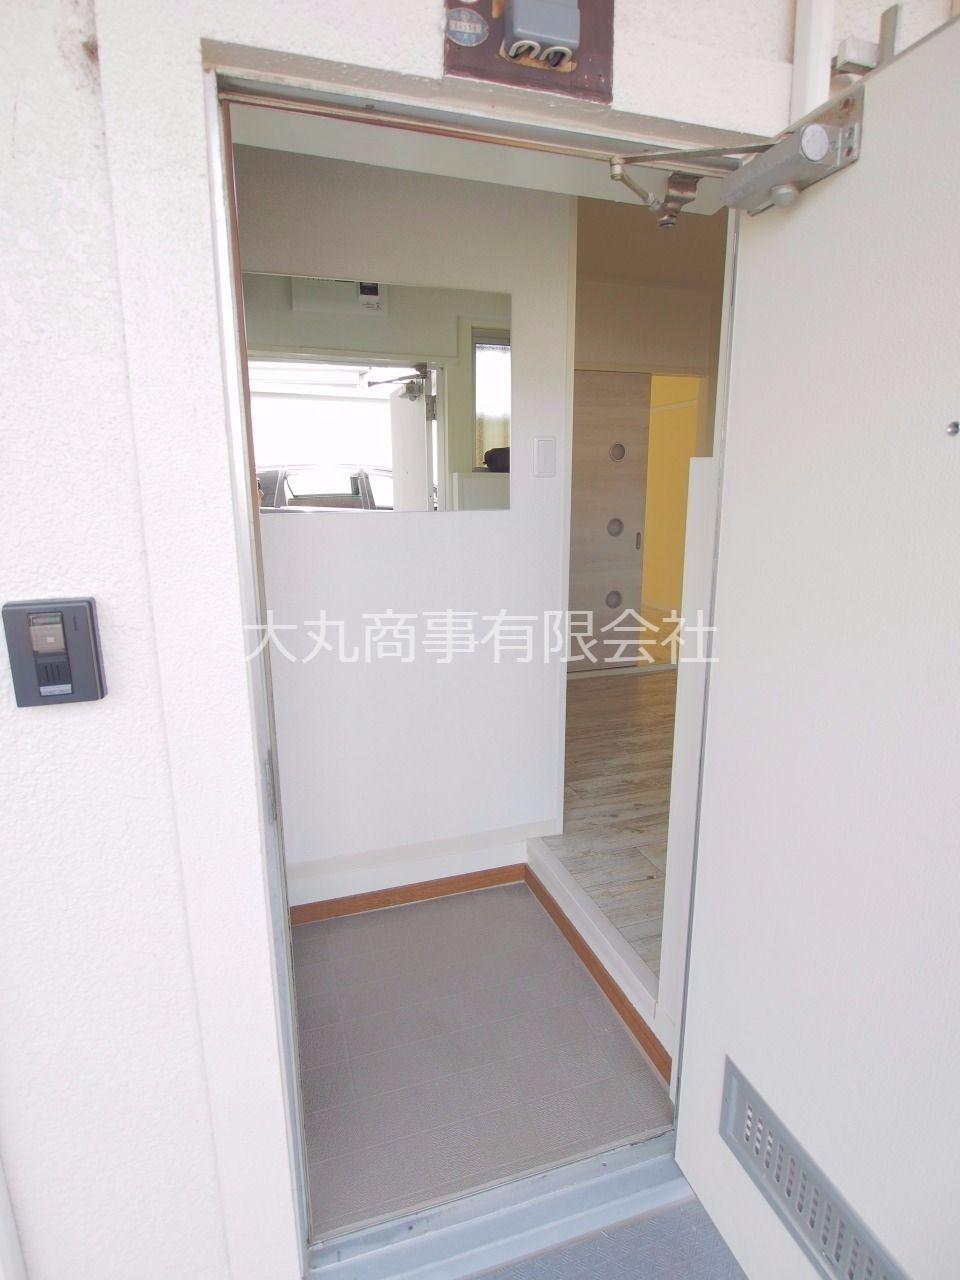 玄関から居室まではL字型になっていて、プライバシーが守れます